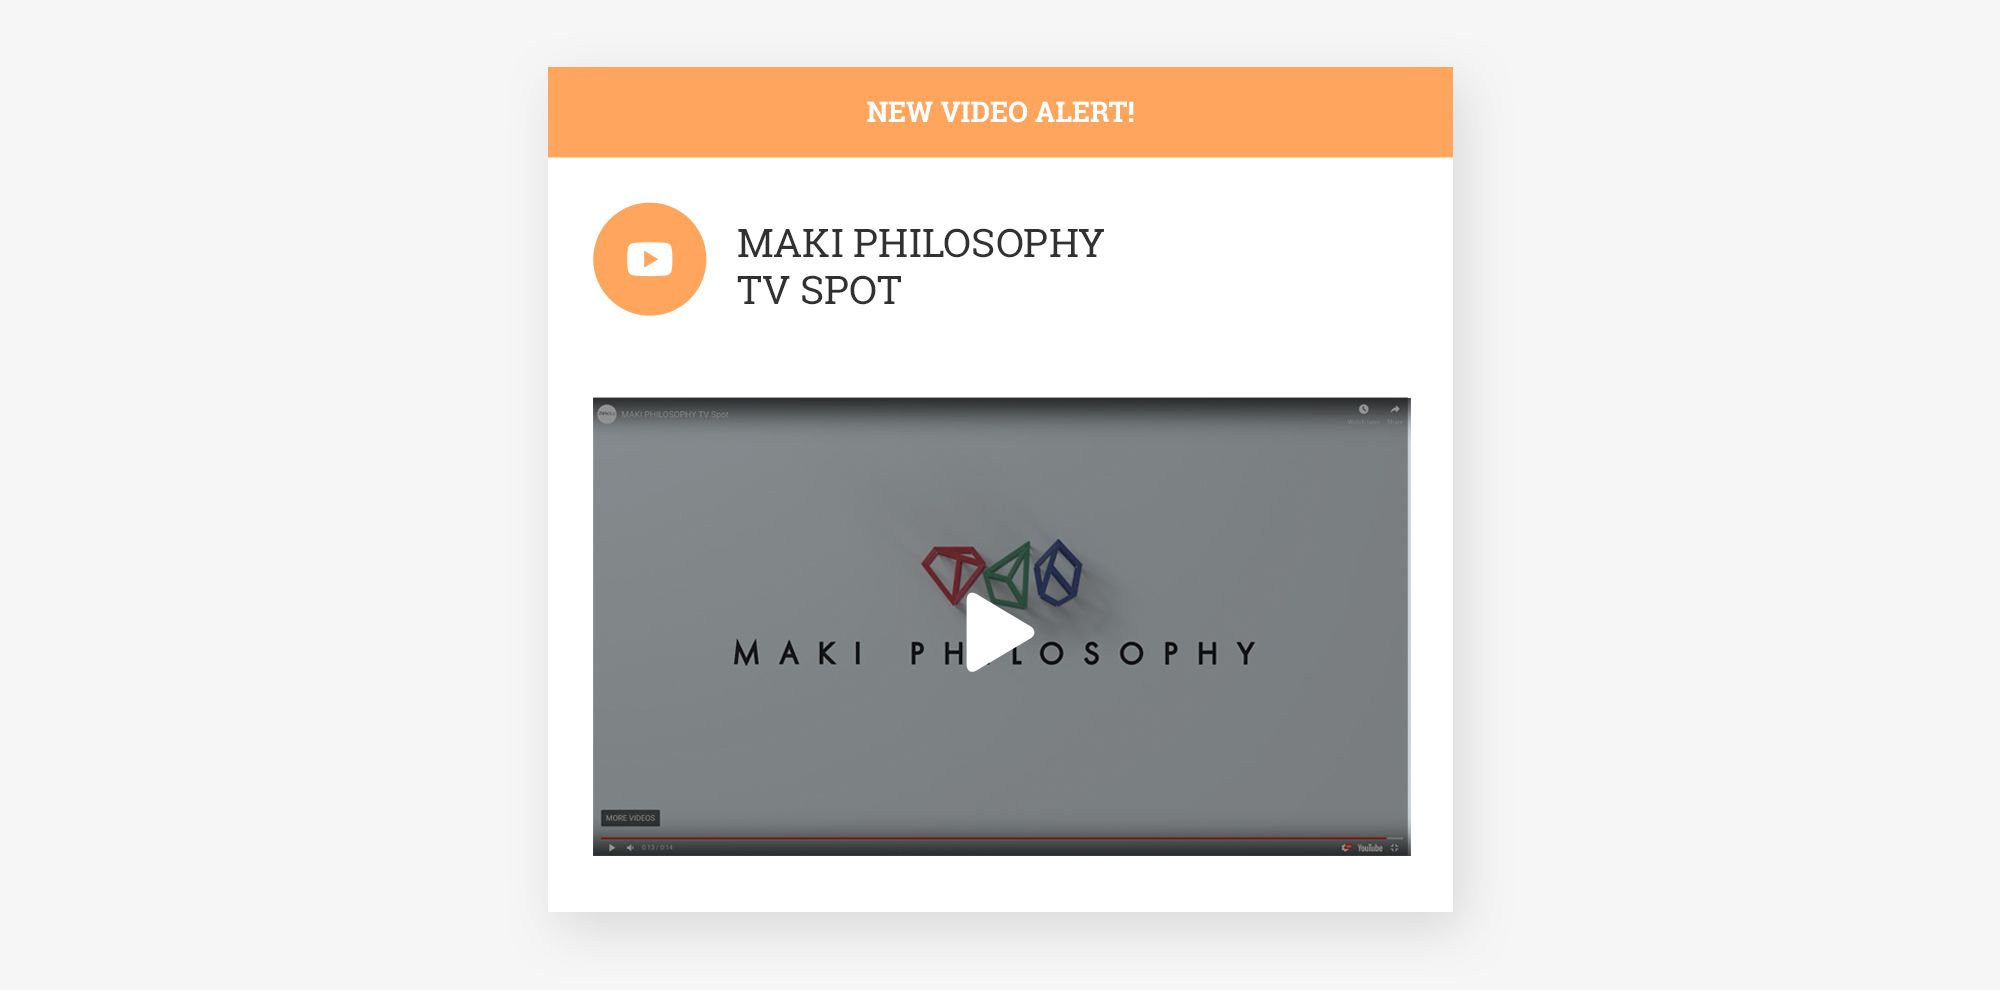 Η Think Plus υπογράφει το πρώτο τηλεοπτικό σποτ της  MAKI PHILOSOPHY